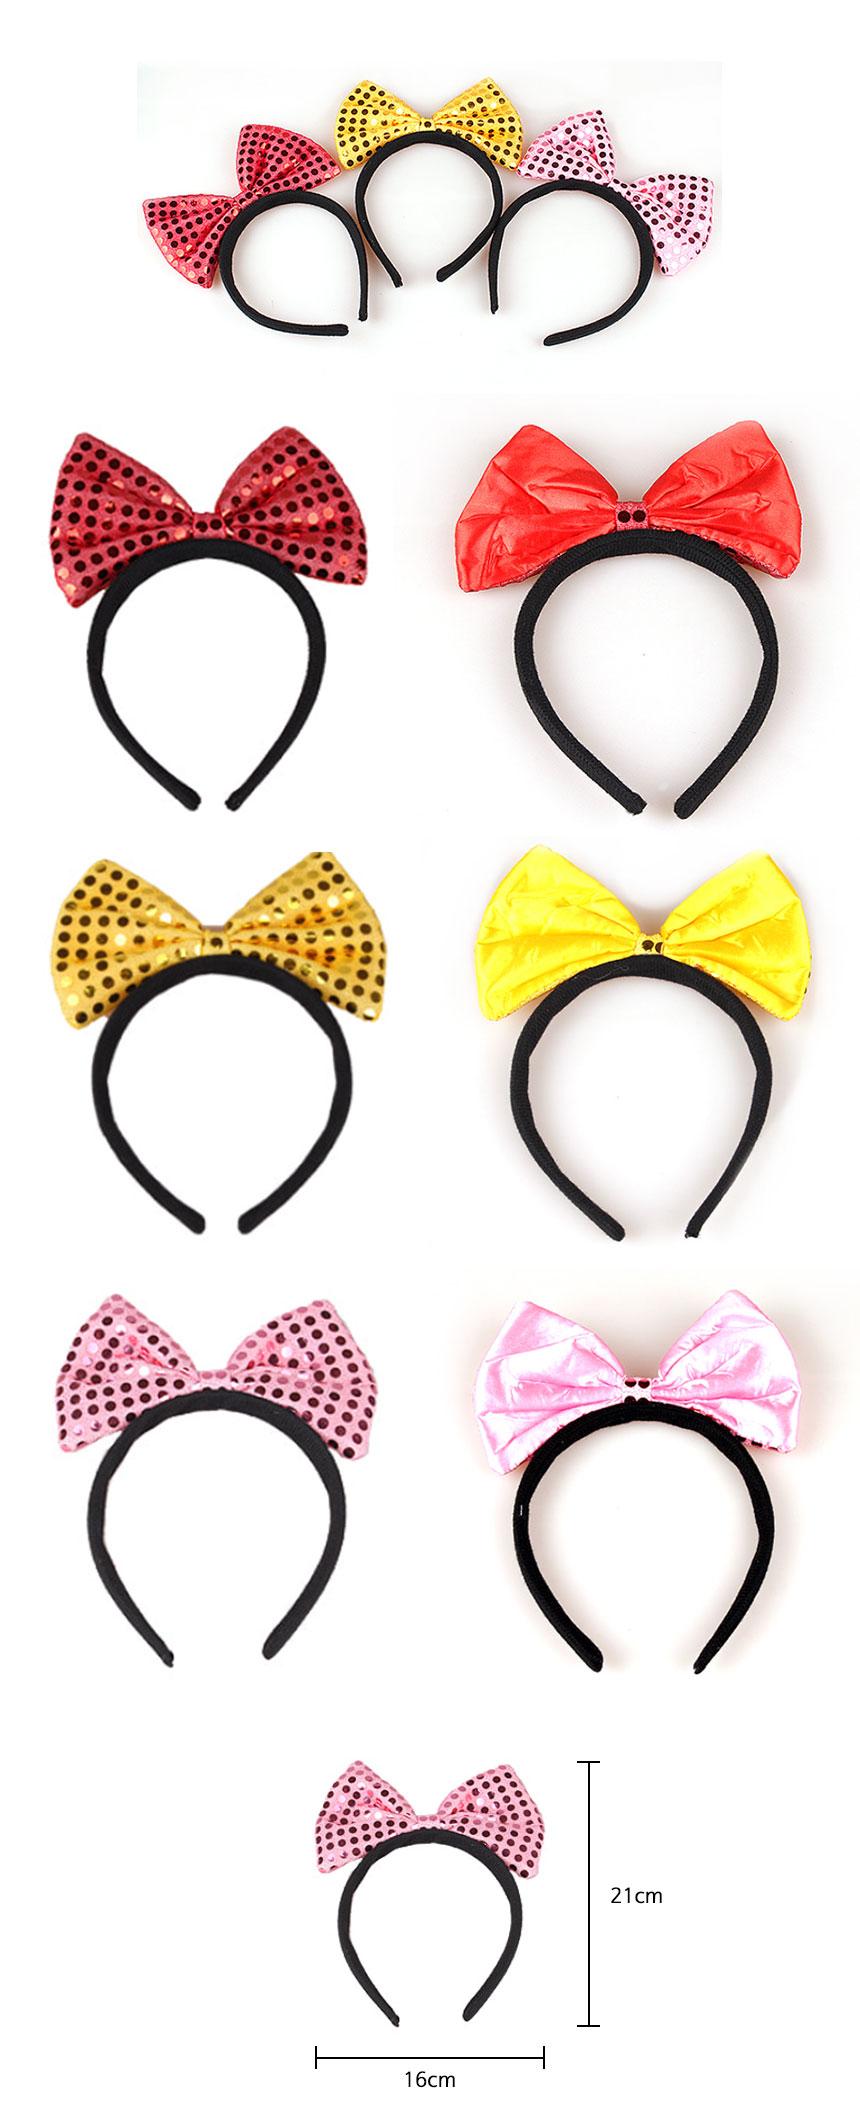 http://partyb2b.mireene.kr/img/party/Headband/Spangle-Ribbon-Headband%28s%29.jpg